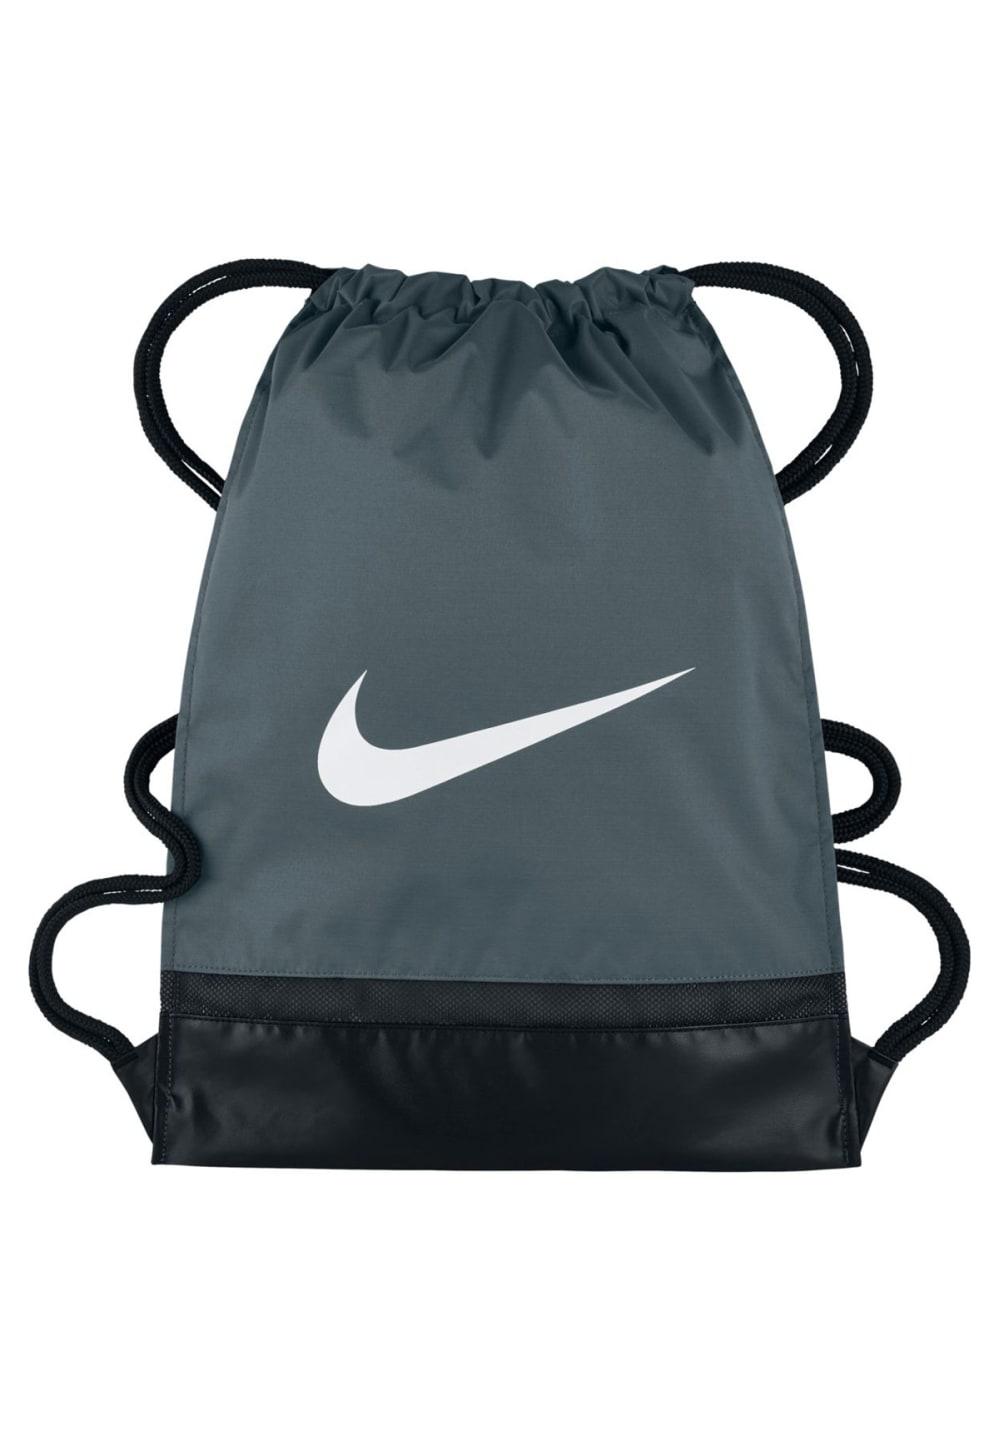 Sporttaschen für Frauen - Nike Brasilia Gym Sack Sporttaschen Grau  - Onlineshop 21Run